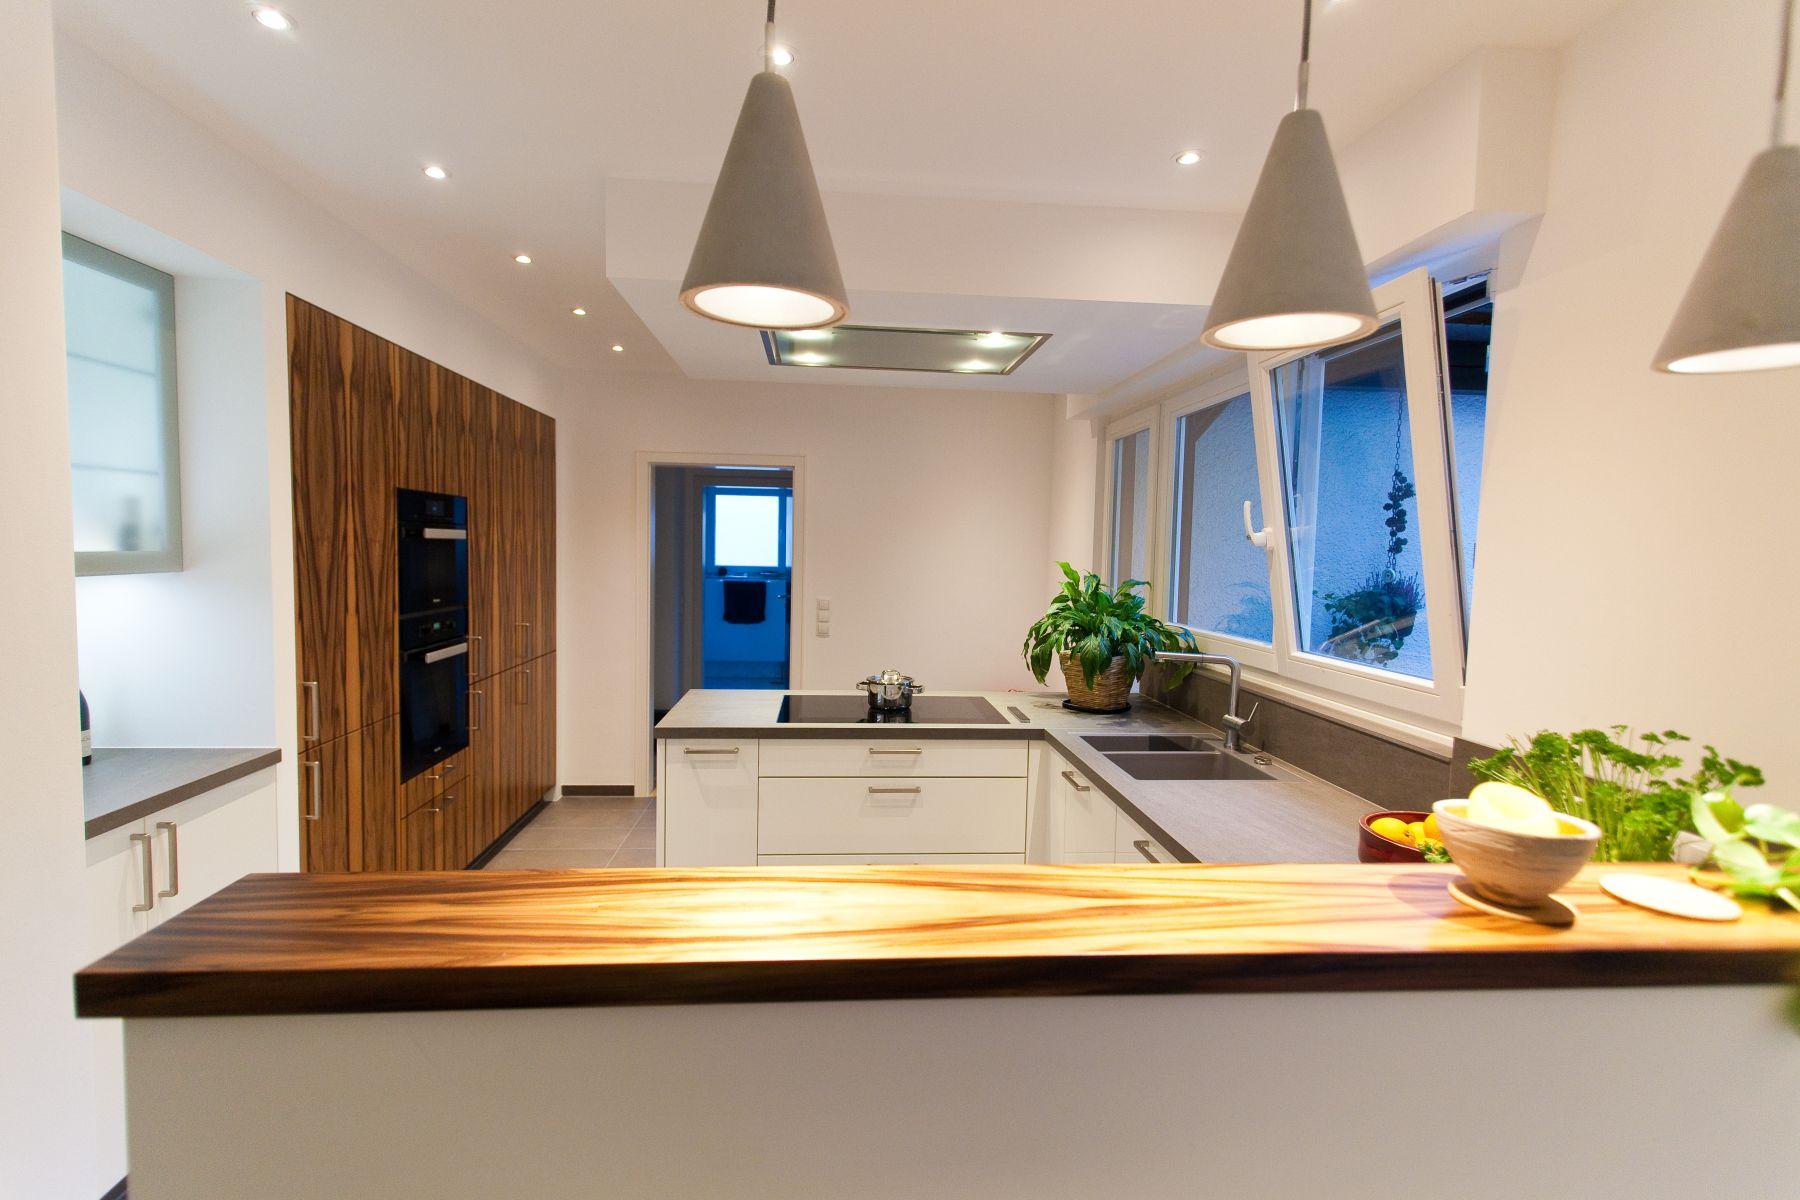 naturstein u-form küche weiß mit besonderen holzfronten